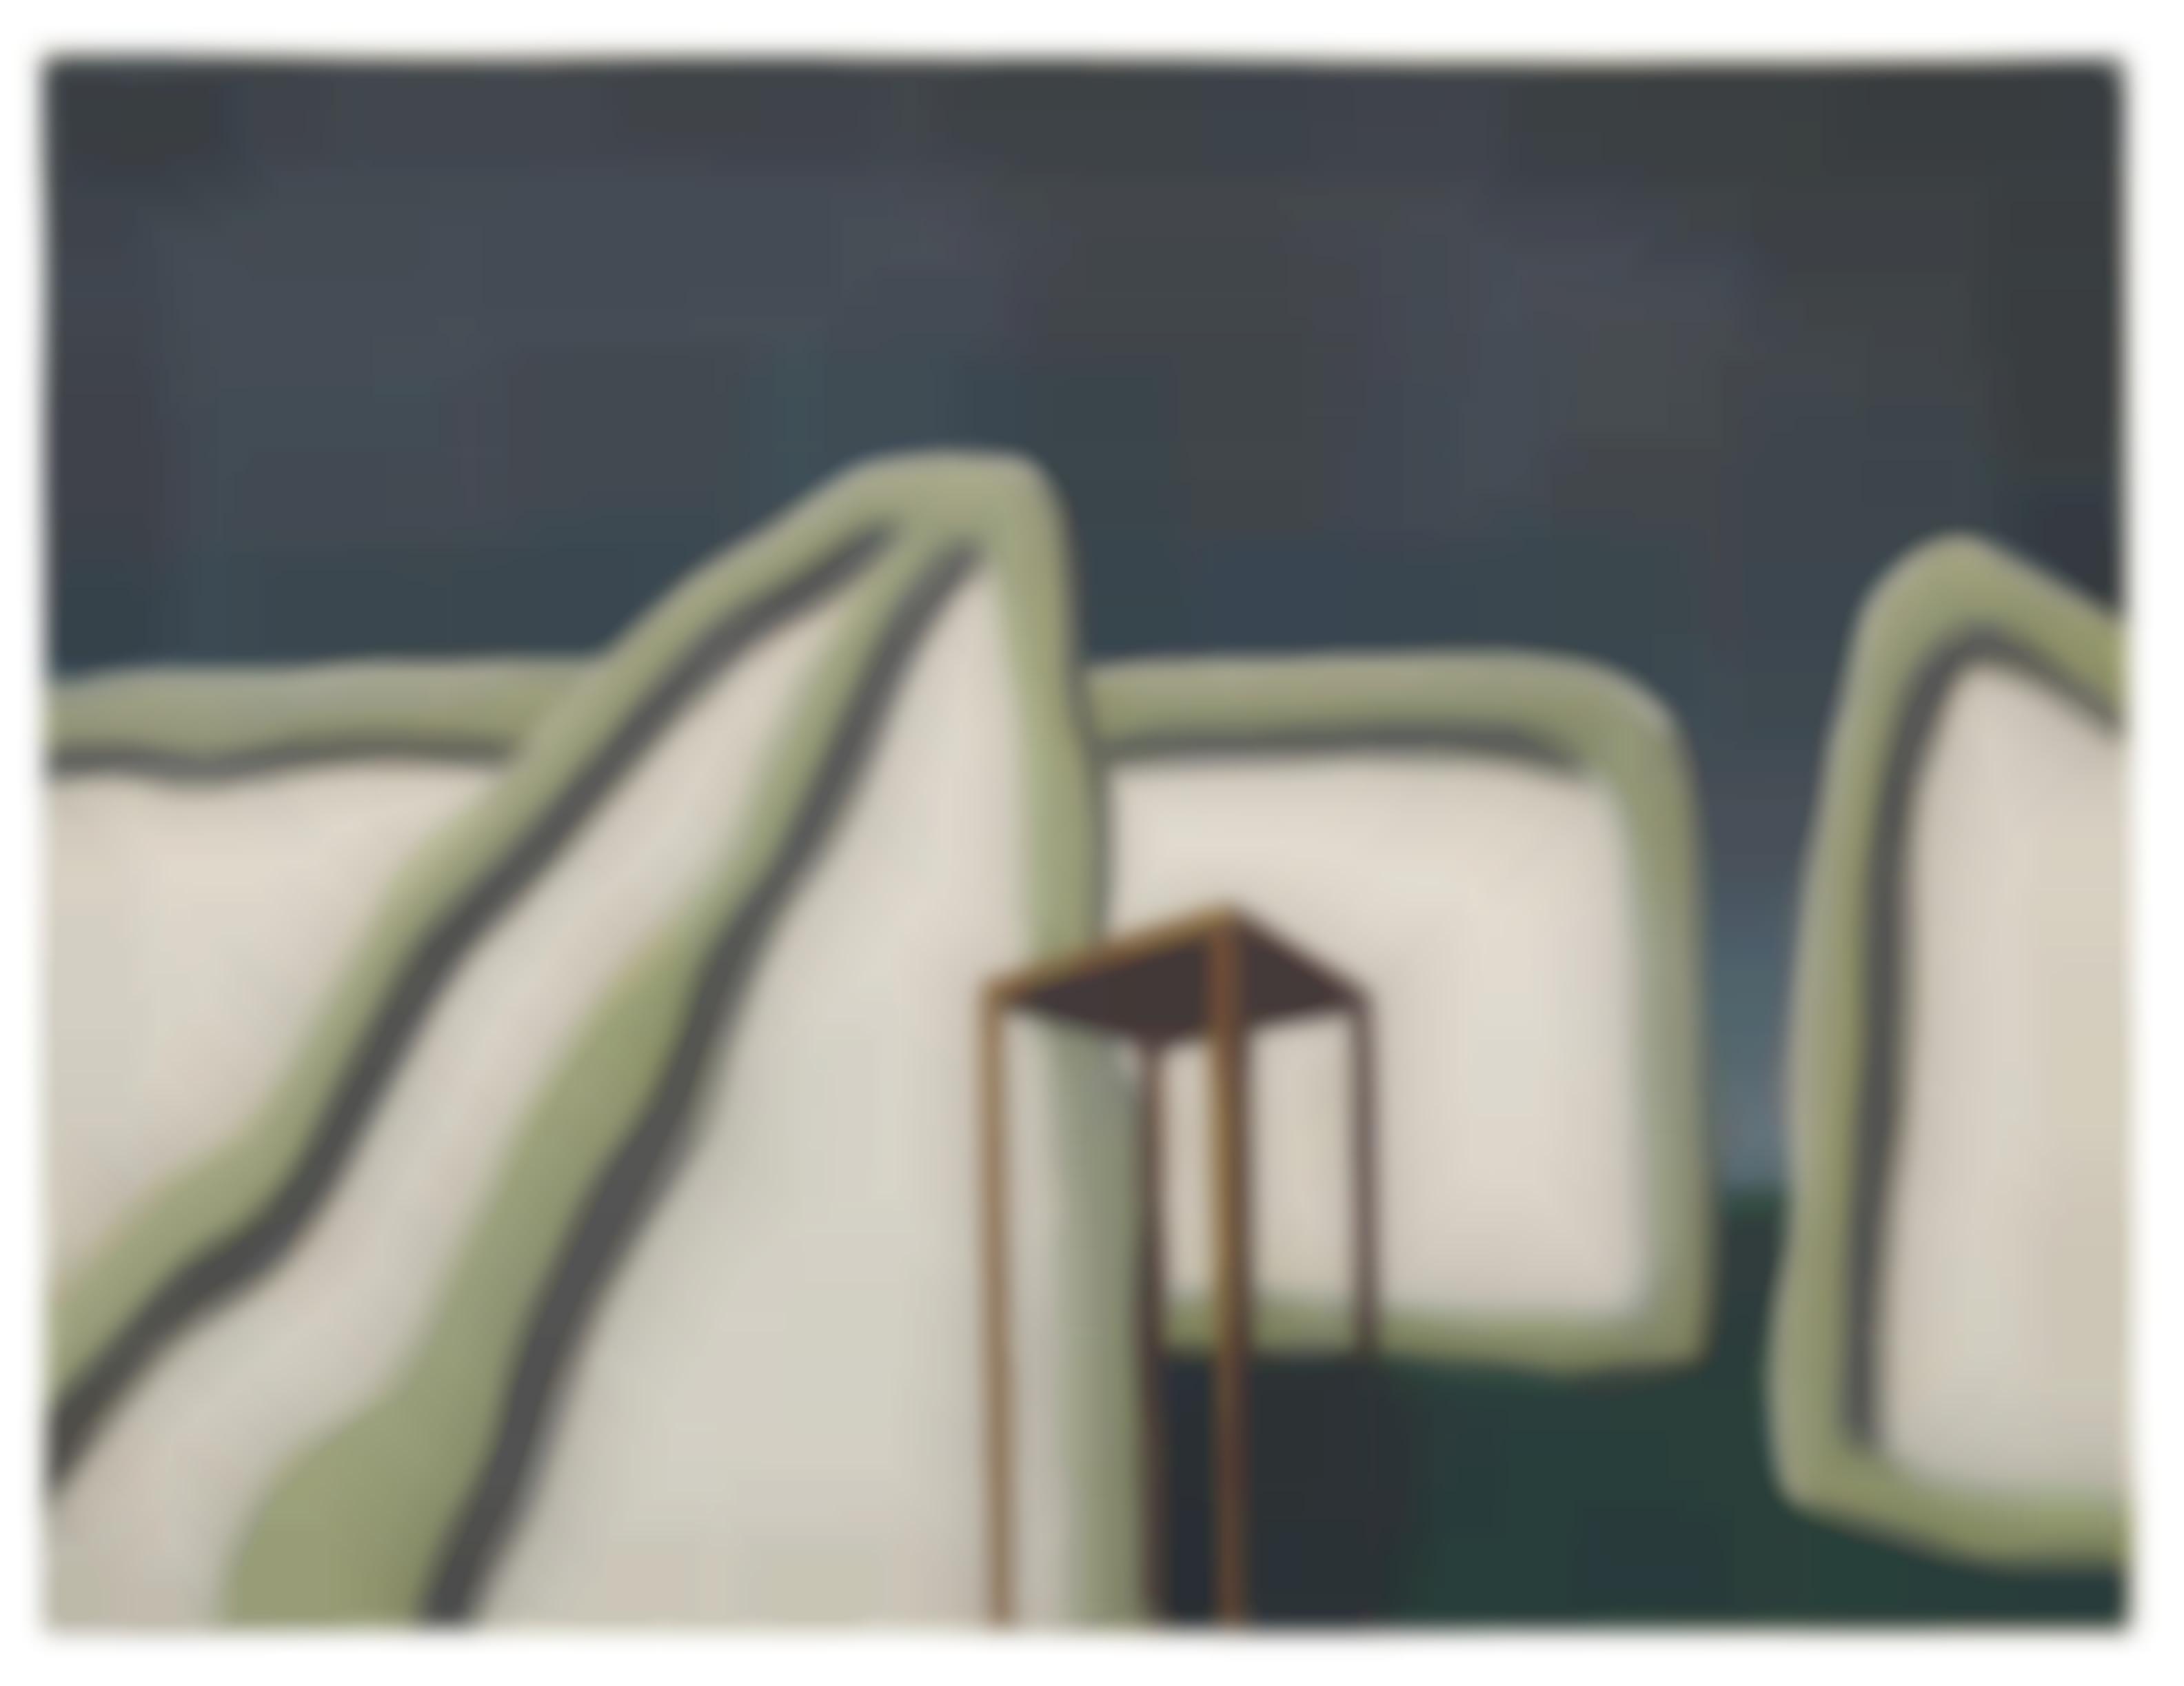 Rene Magritte-Le Prisonnier-1928